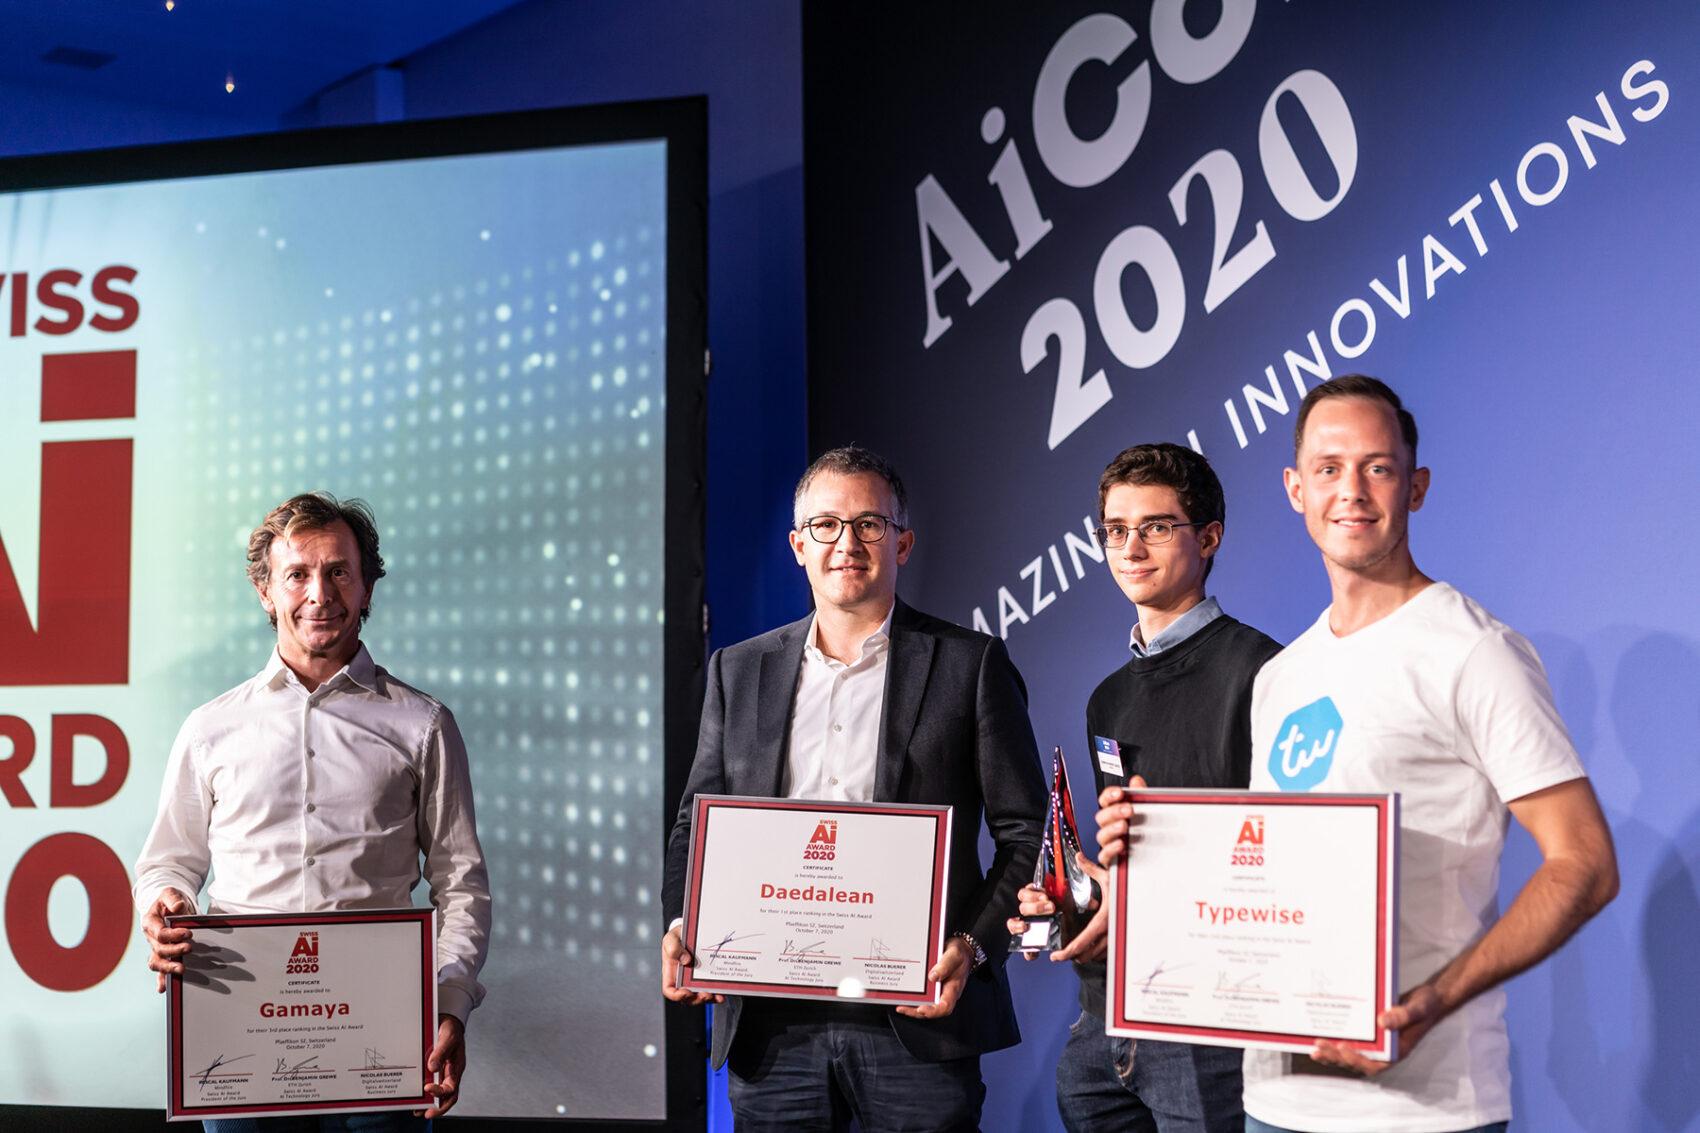 Daedalean sind die Gewinner des Swiss AI Awards 2020.